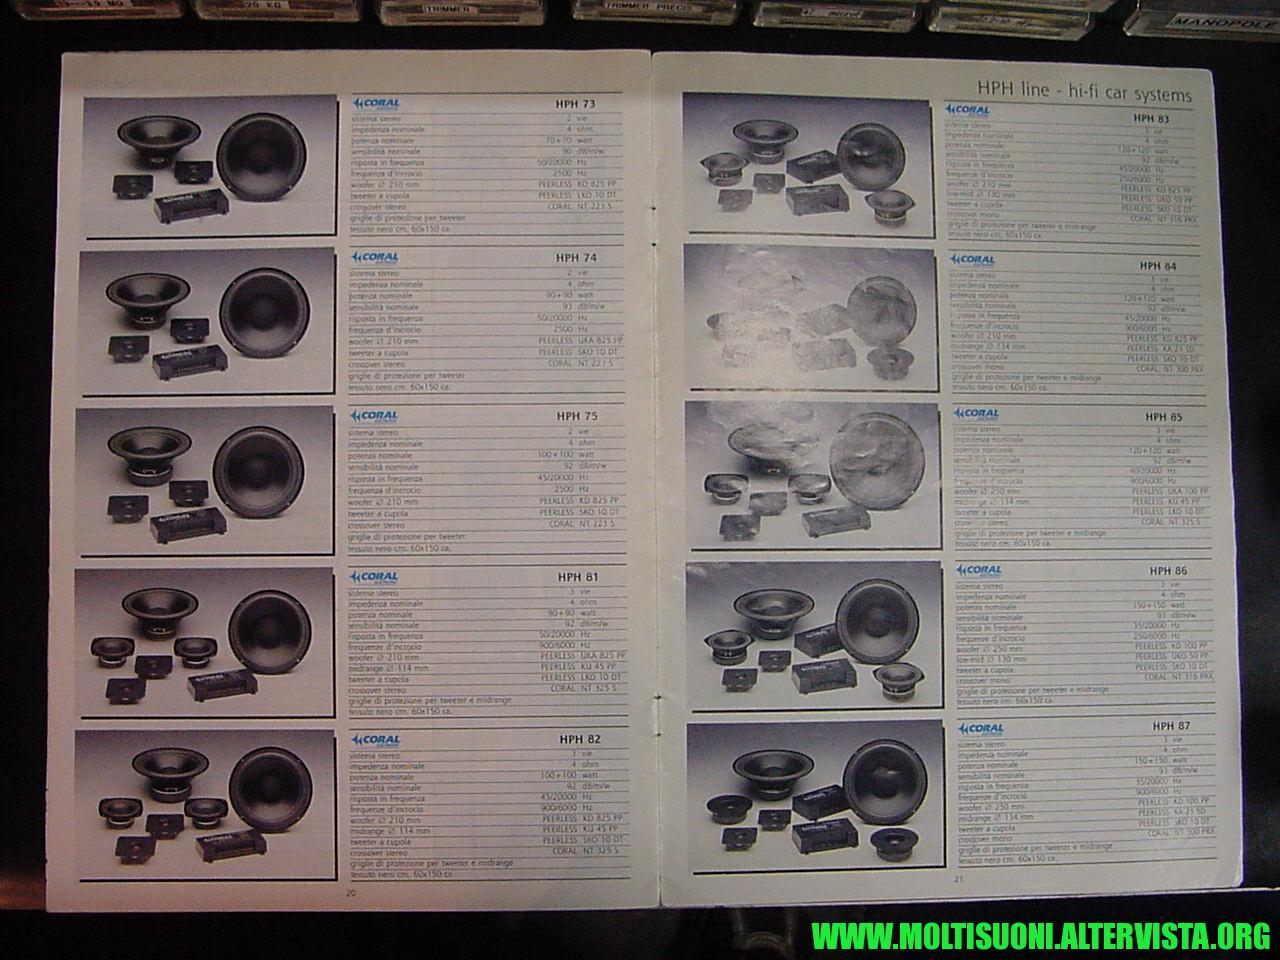 Catalogo coral electronic 1989 - moltisuoni